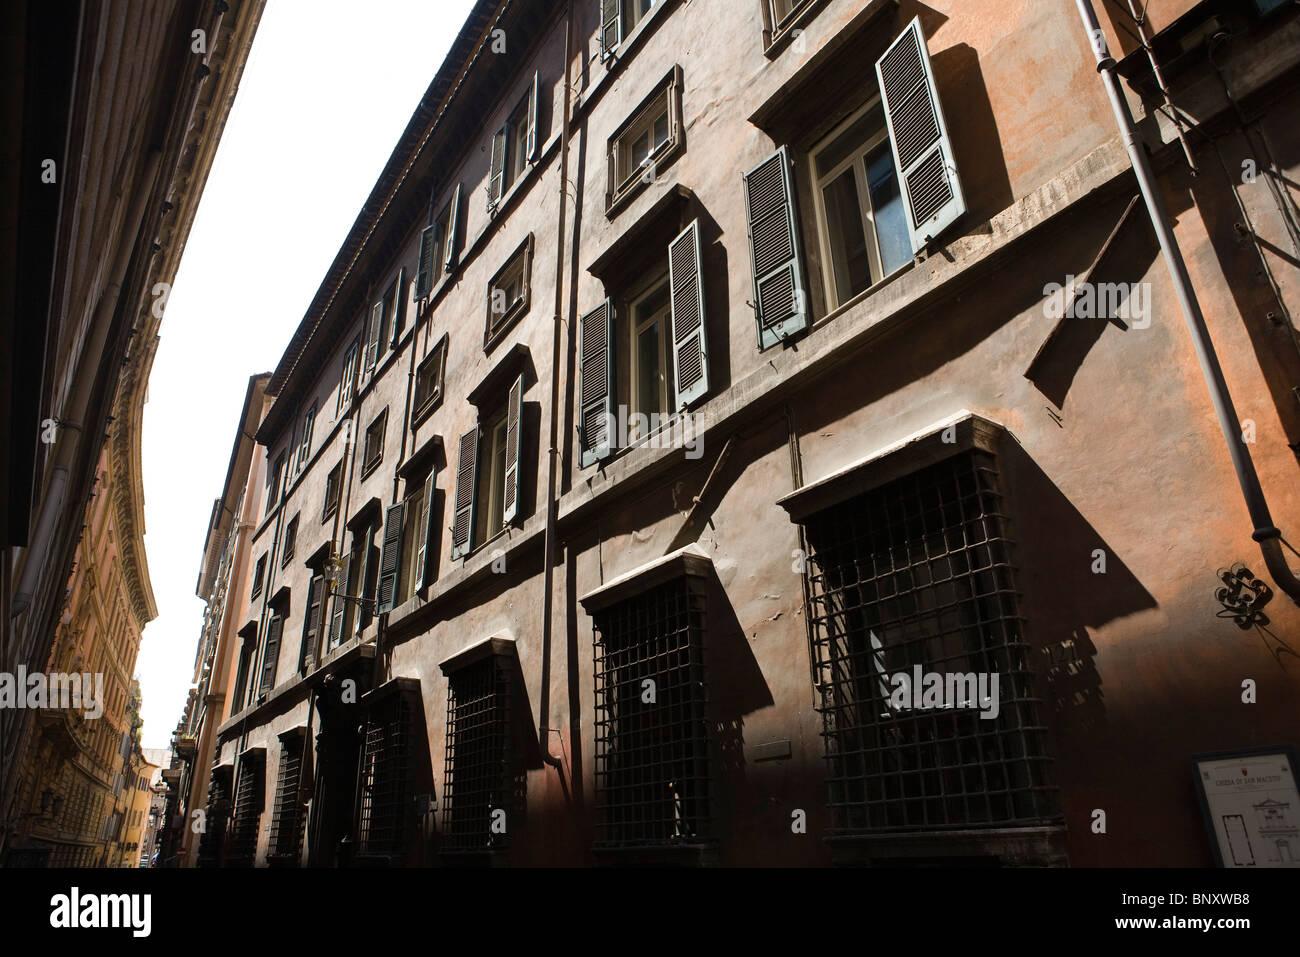 Palazzo Gabrielli-Borromeo on the via del Seminario, Rione Colonna, Rome, Italy - Stock Image